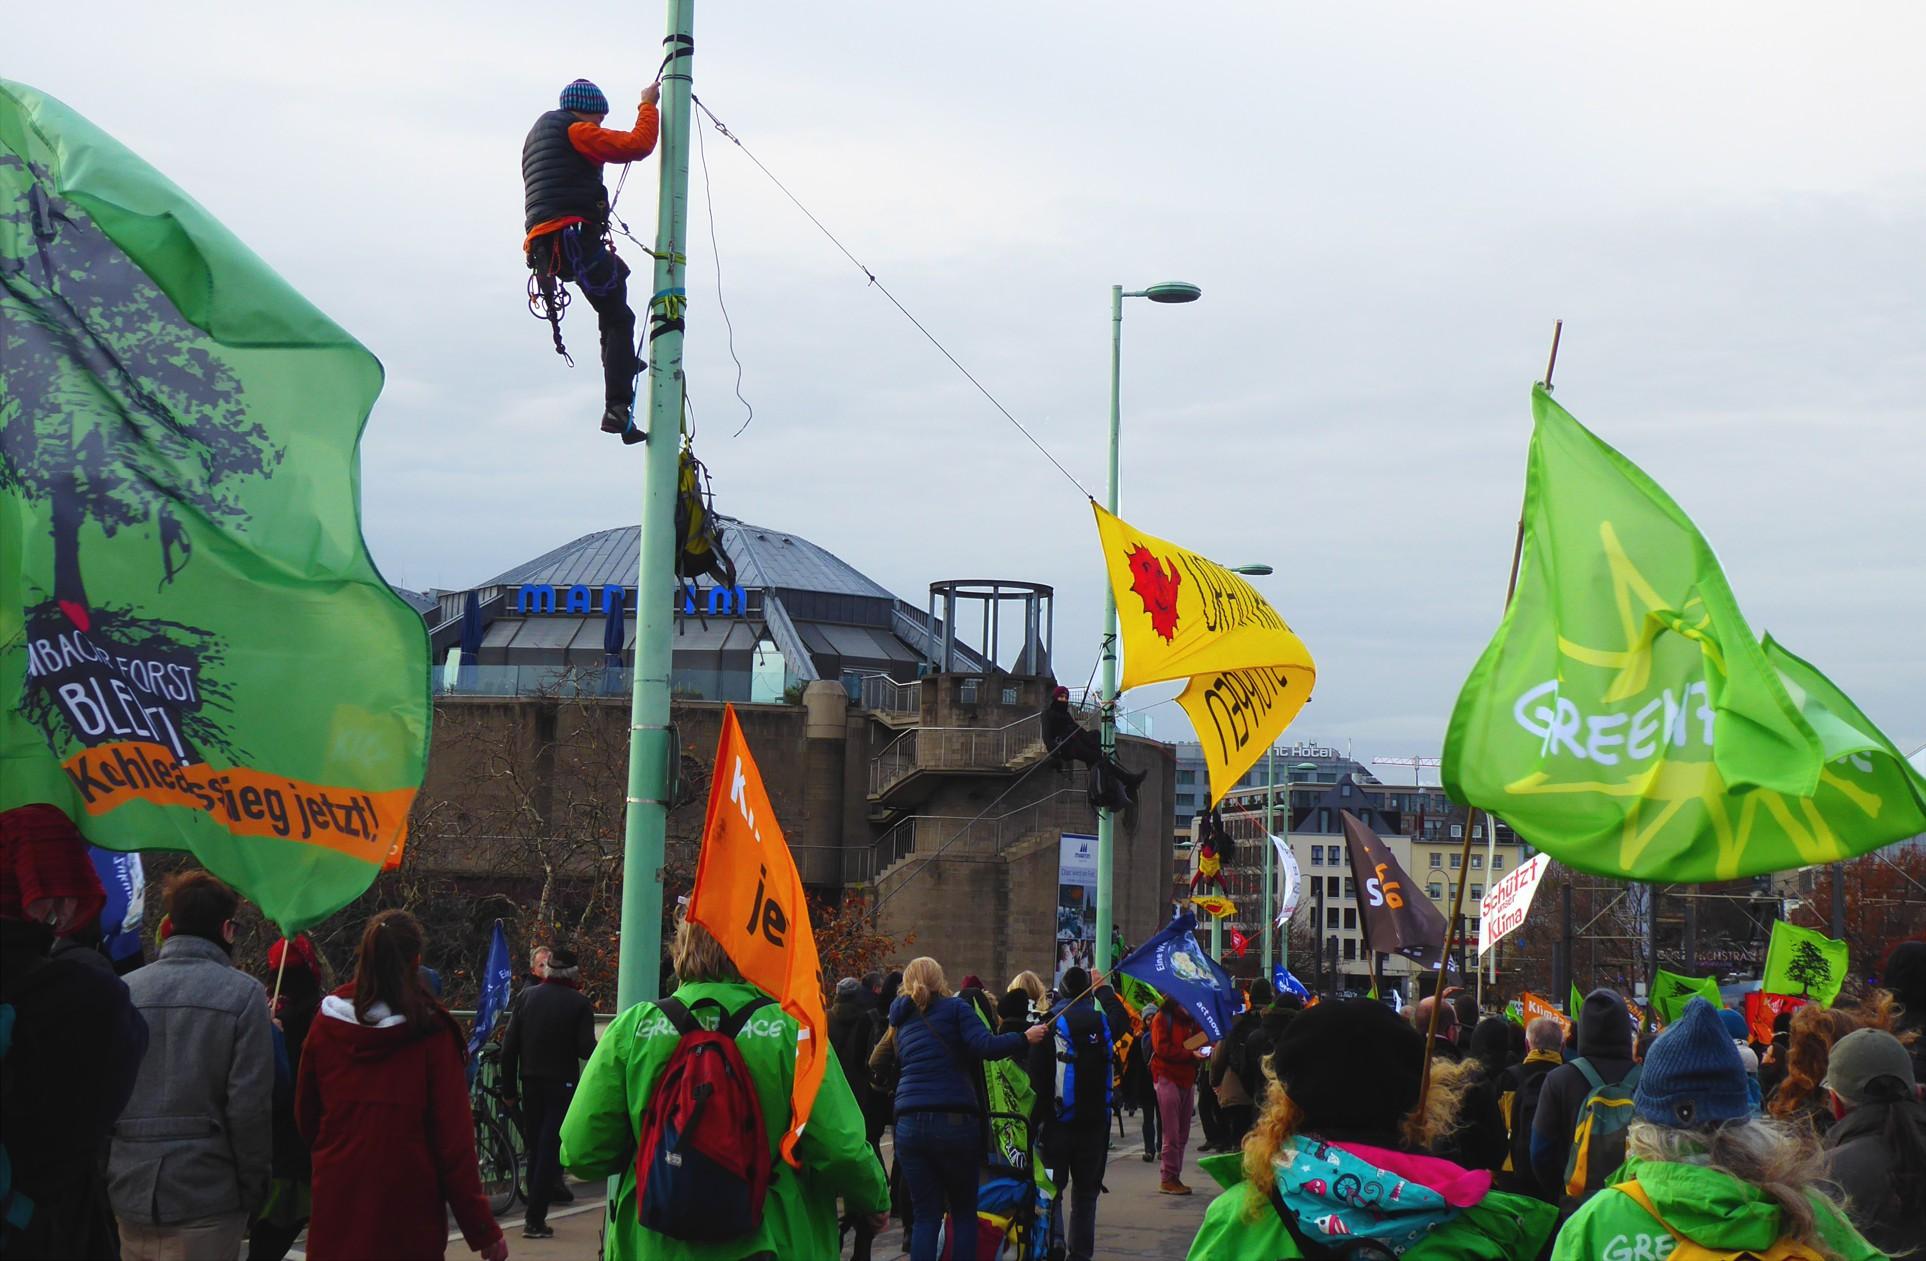 Kletterer begrüßten die TeilnehmerInnen auf der Rheimbrücke